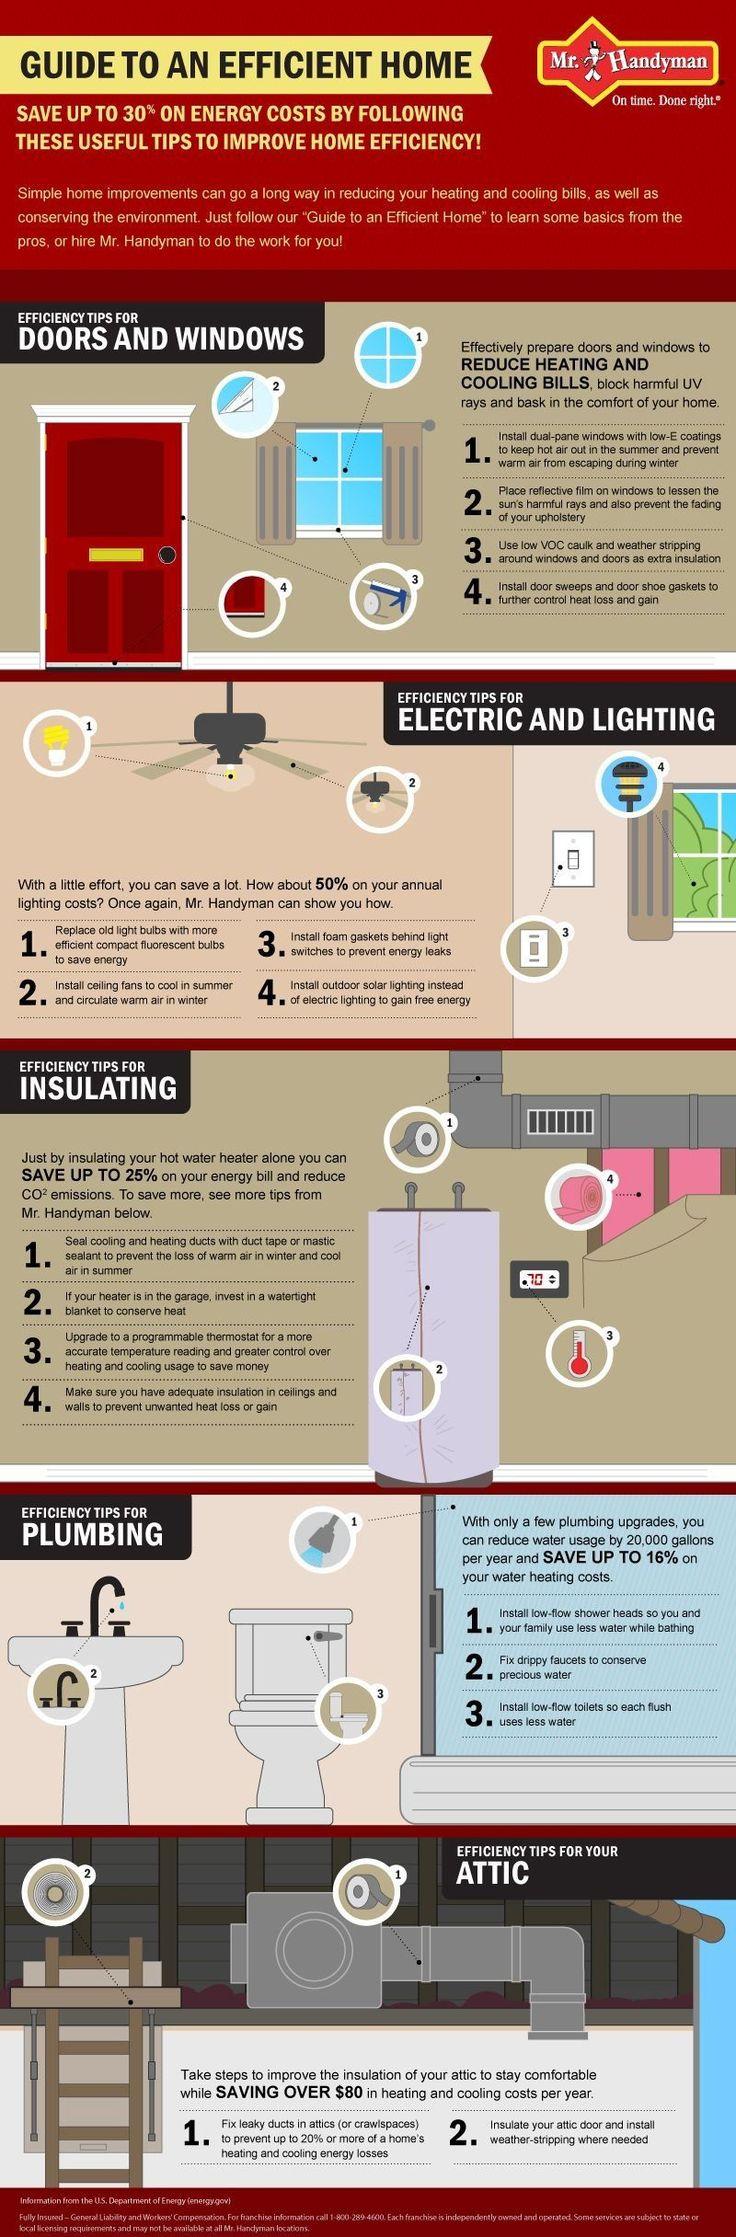 25 best Energy Efficiency images on Pinterest | Energy efficiency ...